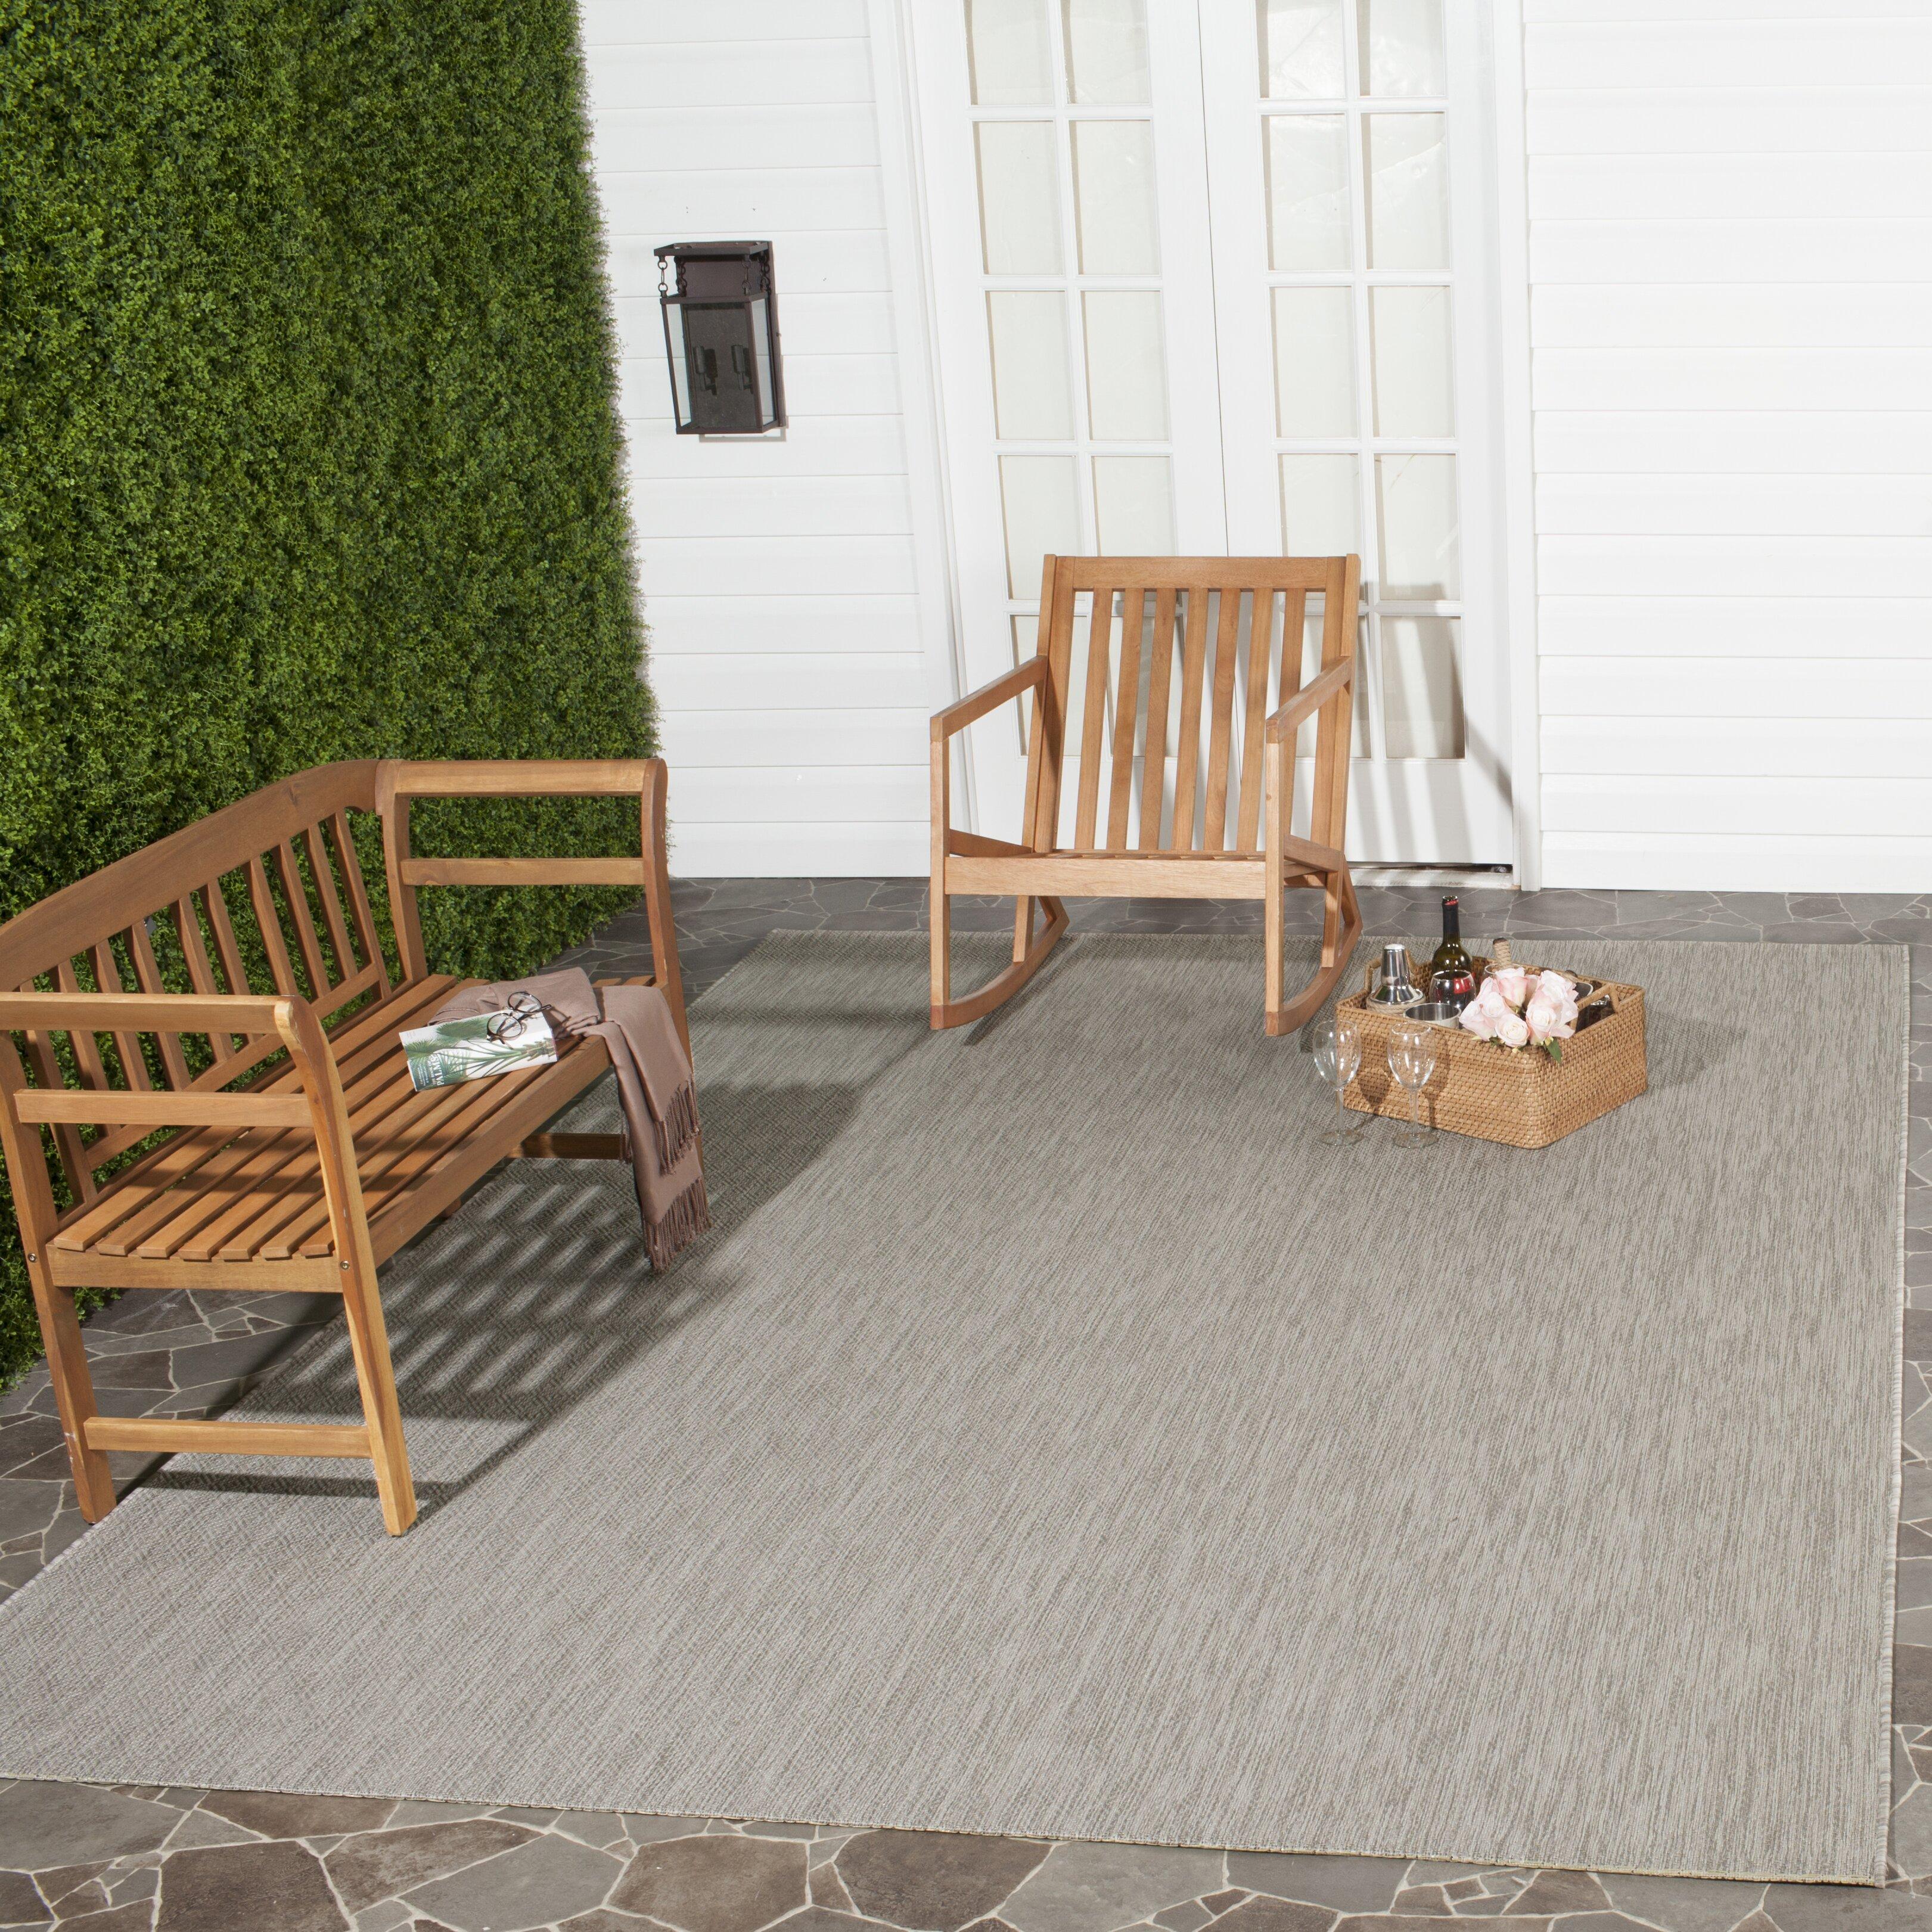 safavieh delano beige indoor outdoor area rug wayfair uk. Black Bedroom Furniture Sets. Home Design Ideas